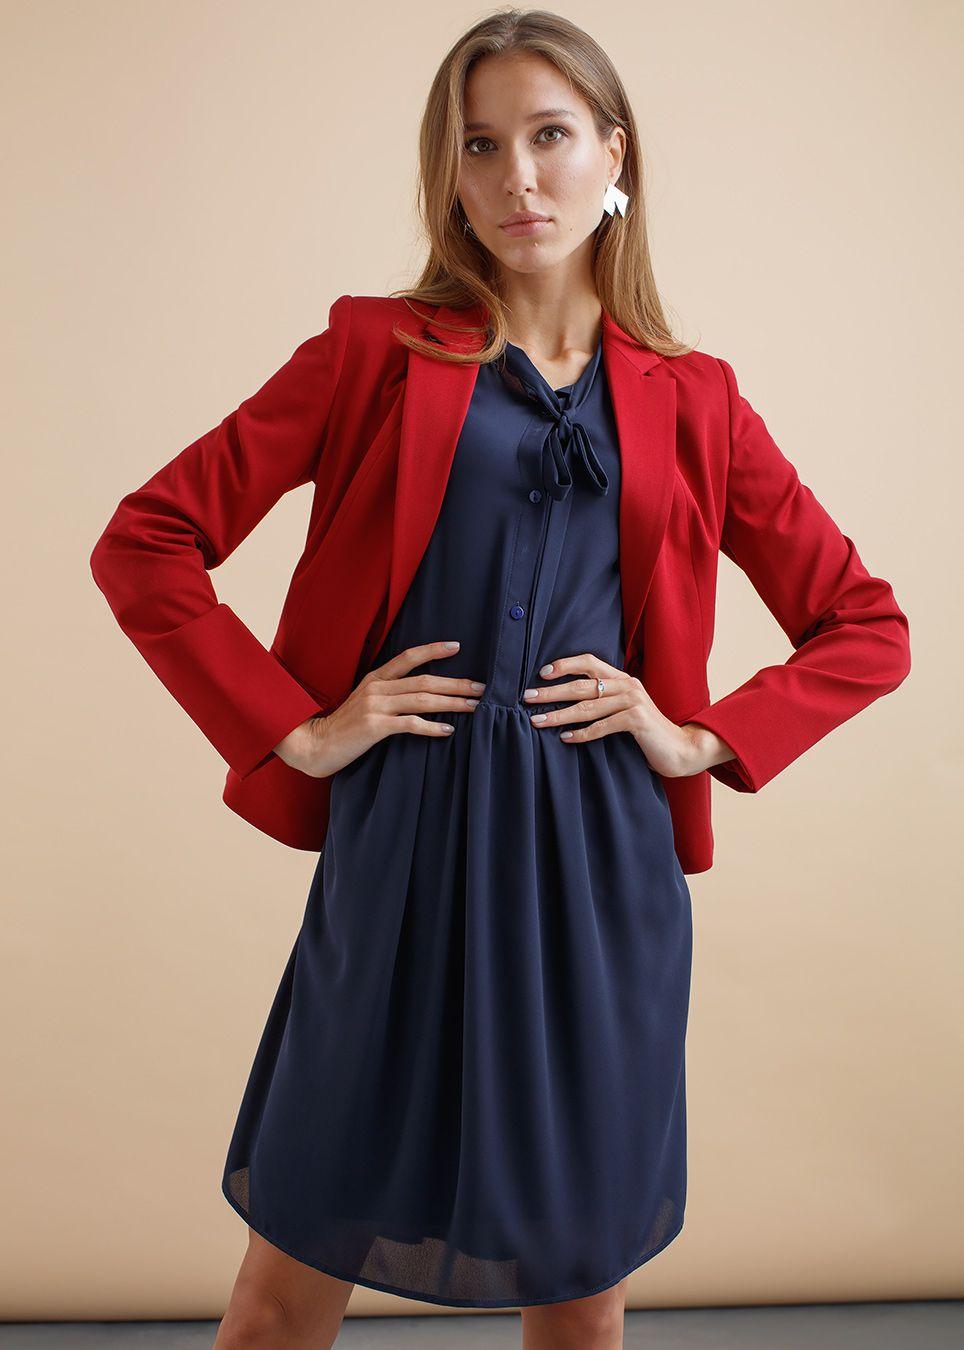 d6cd6c396d58 Осенний образ с шифоновым платьем в романтическом стиле будет смотреться  особенно притягательно, если дополнить его